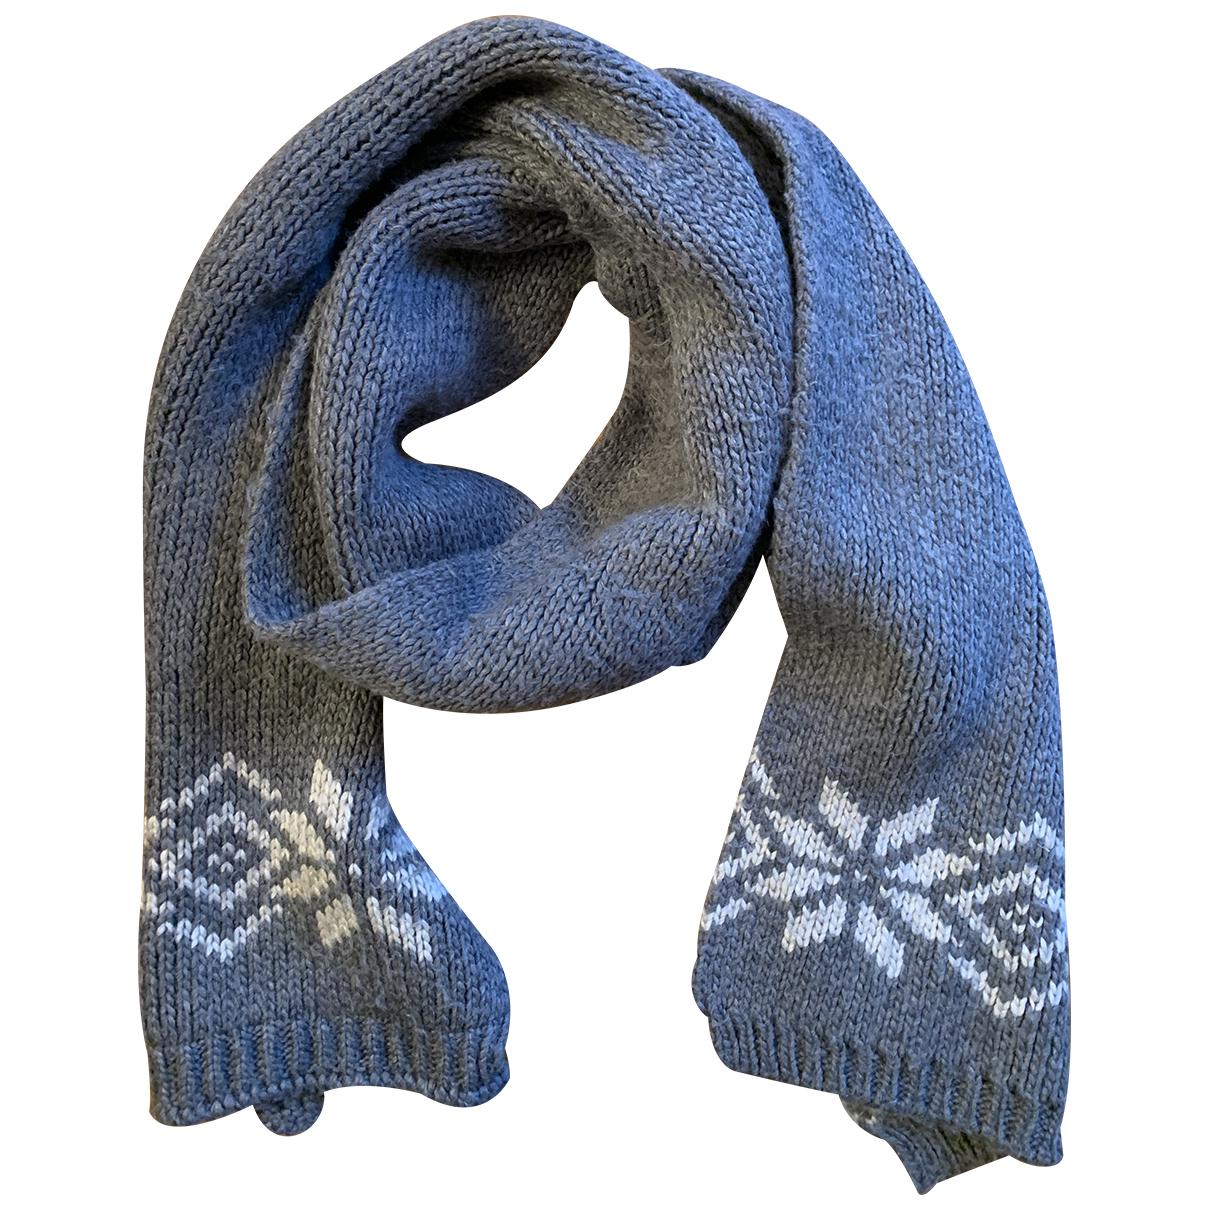 Moncler - Cheches.Echarpes   pour homme en laine - gris